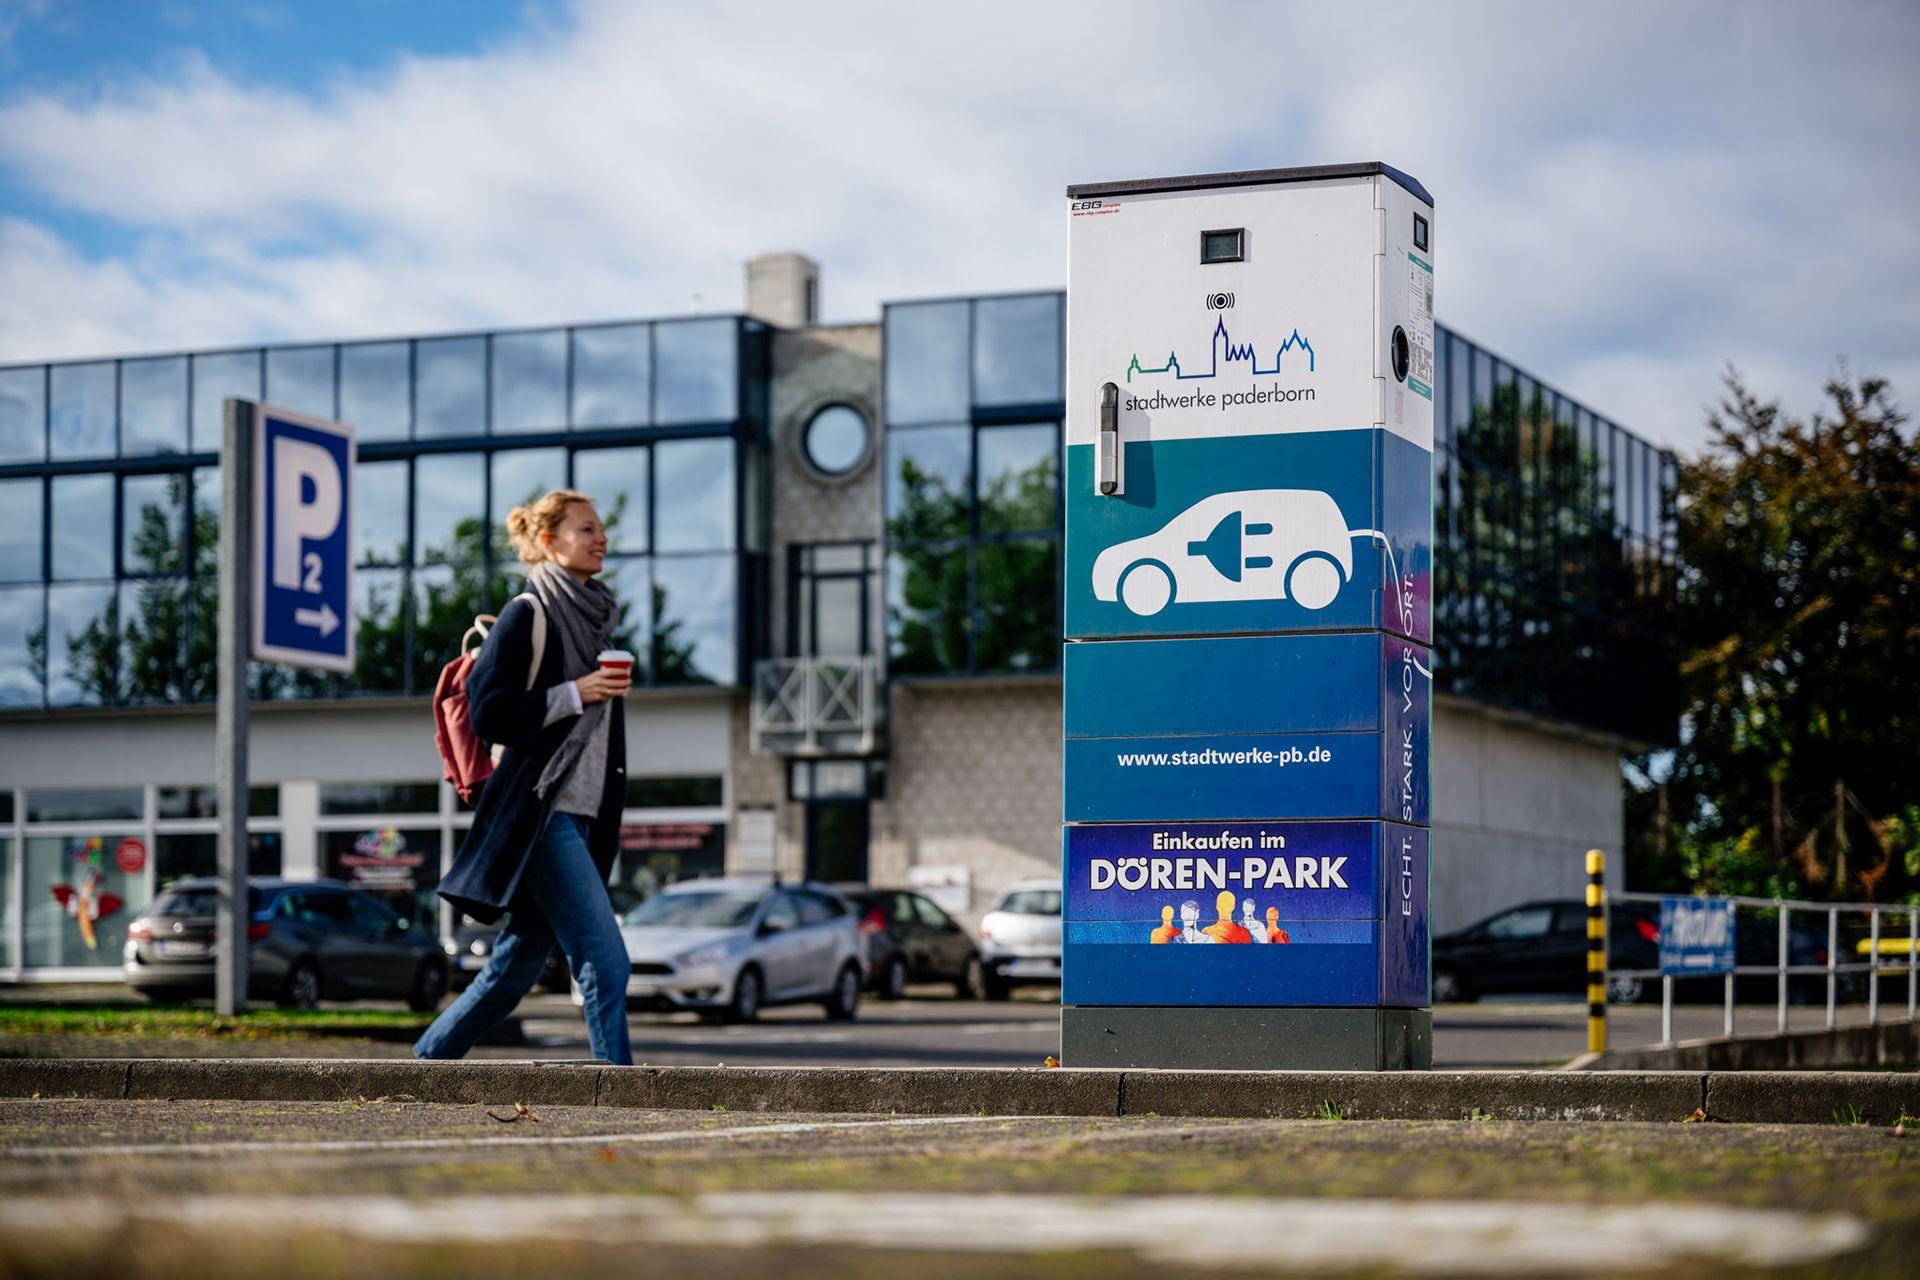 Fotos vom Dören-Park in Paderborn +++ Zeitlich einfache und unbeschraenkte Nutzungsrechte der Fotos fuer die Website des Einkaufszentrums Dören-Park sowie fuer hauseigene Print- und Onlinemedien und fuer die Oeffentlichkeitsarbeit, z.B. Bildmaterial für Pressemitteilungen etc., des Einkaufszentrums Dören-Park. Das Nutzungsrecht beinhaltet das Recht, die Fotos (elektronisch) zu bearbeiten und zum Zwecke der Oeffentlichkeitsarbeit des Einkaufszentrums Dören-Park zu vervielfaeltigen, zu verbreiten und zu veroeffentlichen. Bei Nutzung bitte Quellenangabe Foto: Besim Mazhiqi angeben.